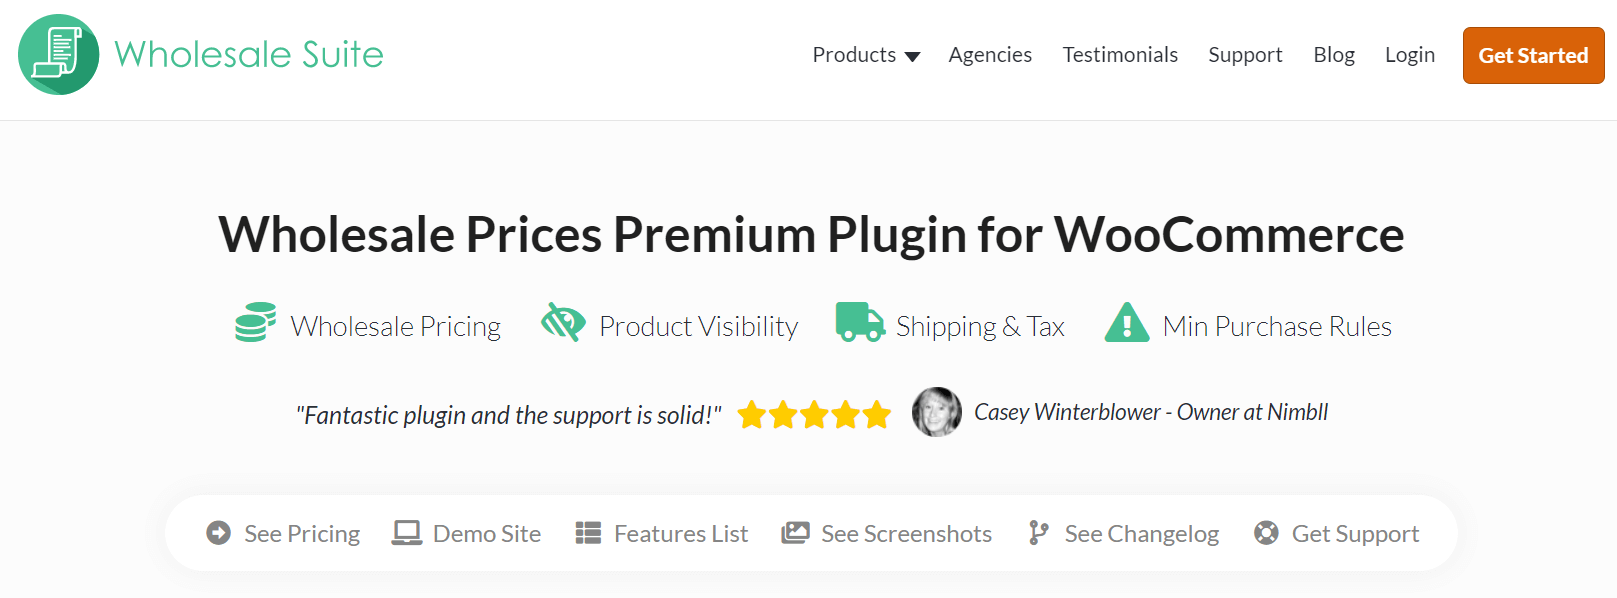 Wholesale Premium Prices Plugin page